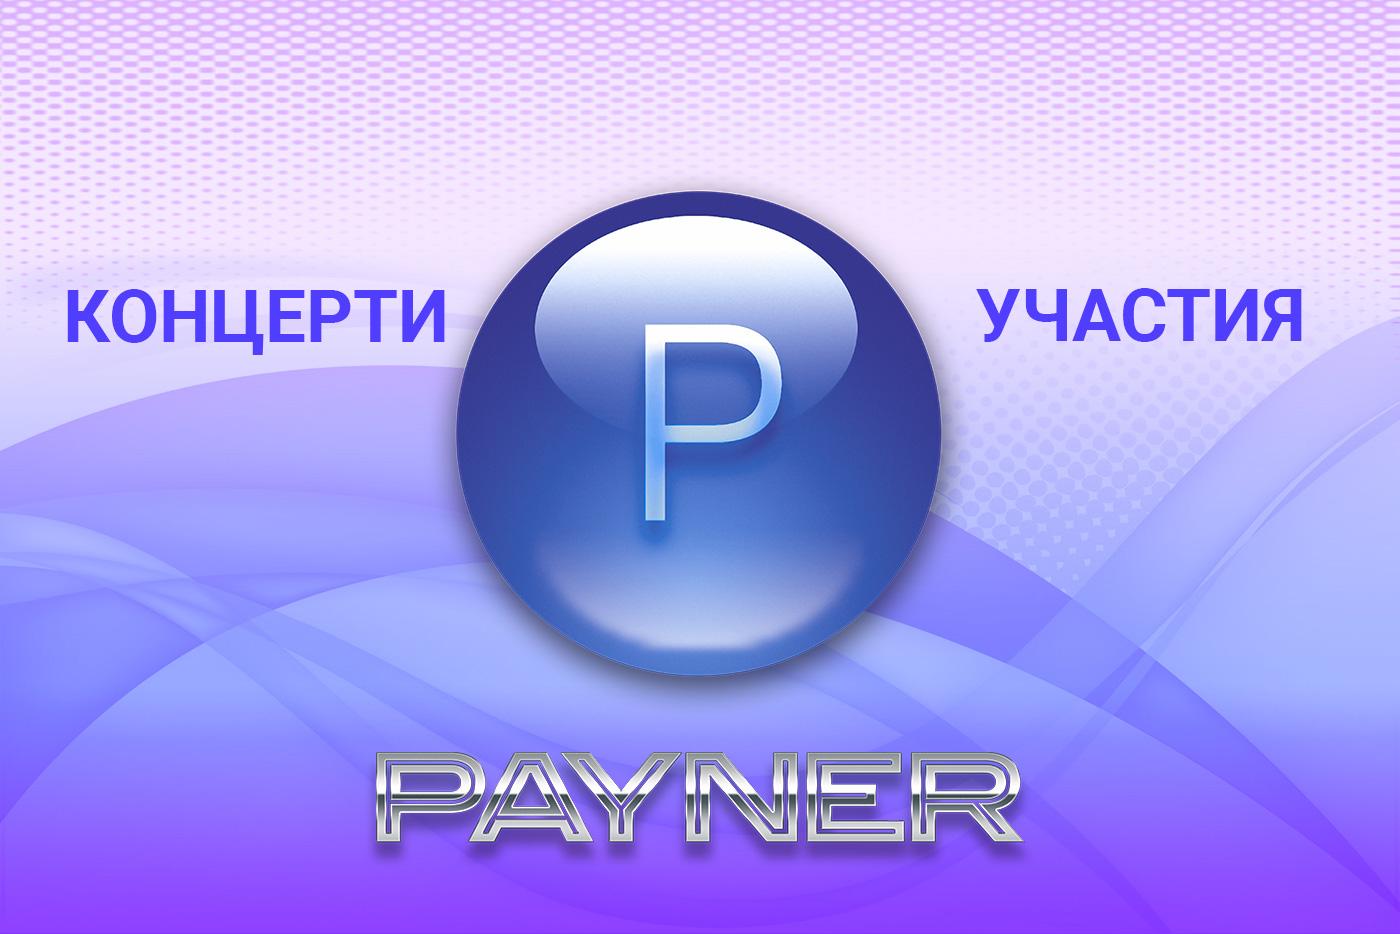 """Участия на звездите на """"Пайнер"""" на 27.11.2019"""